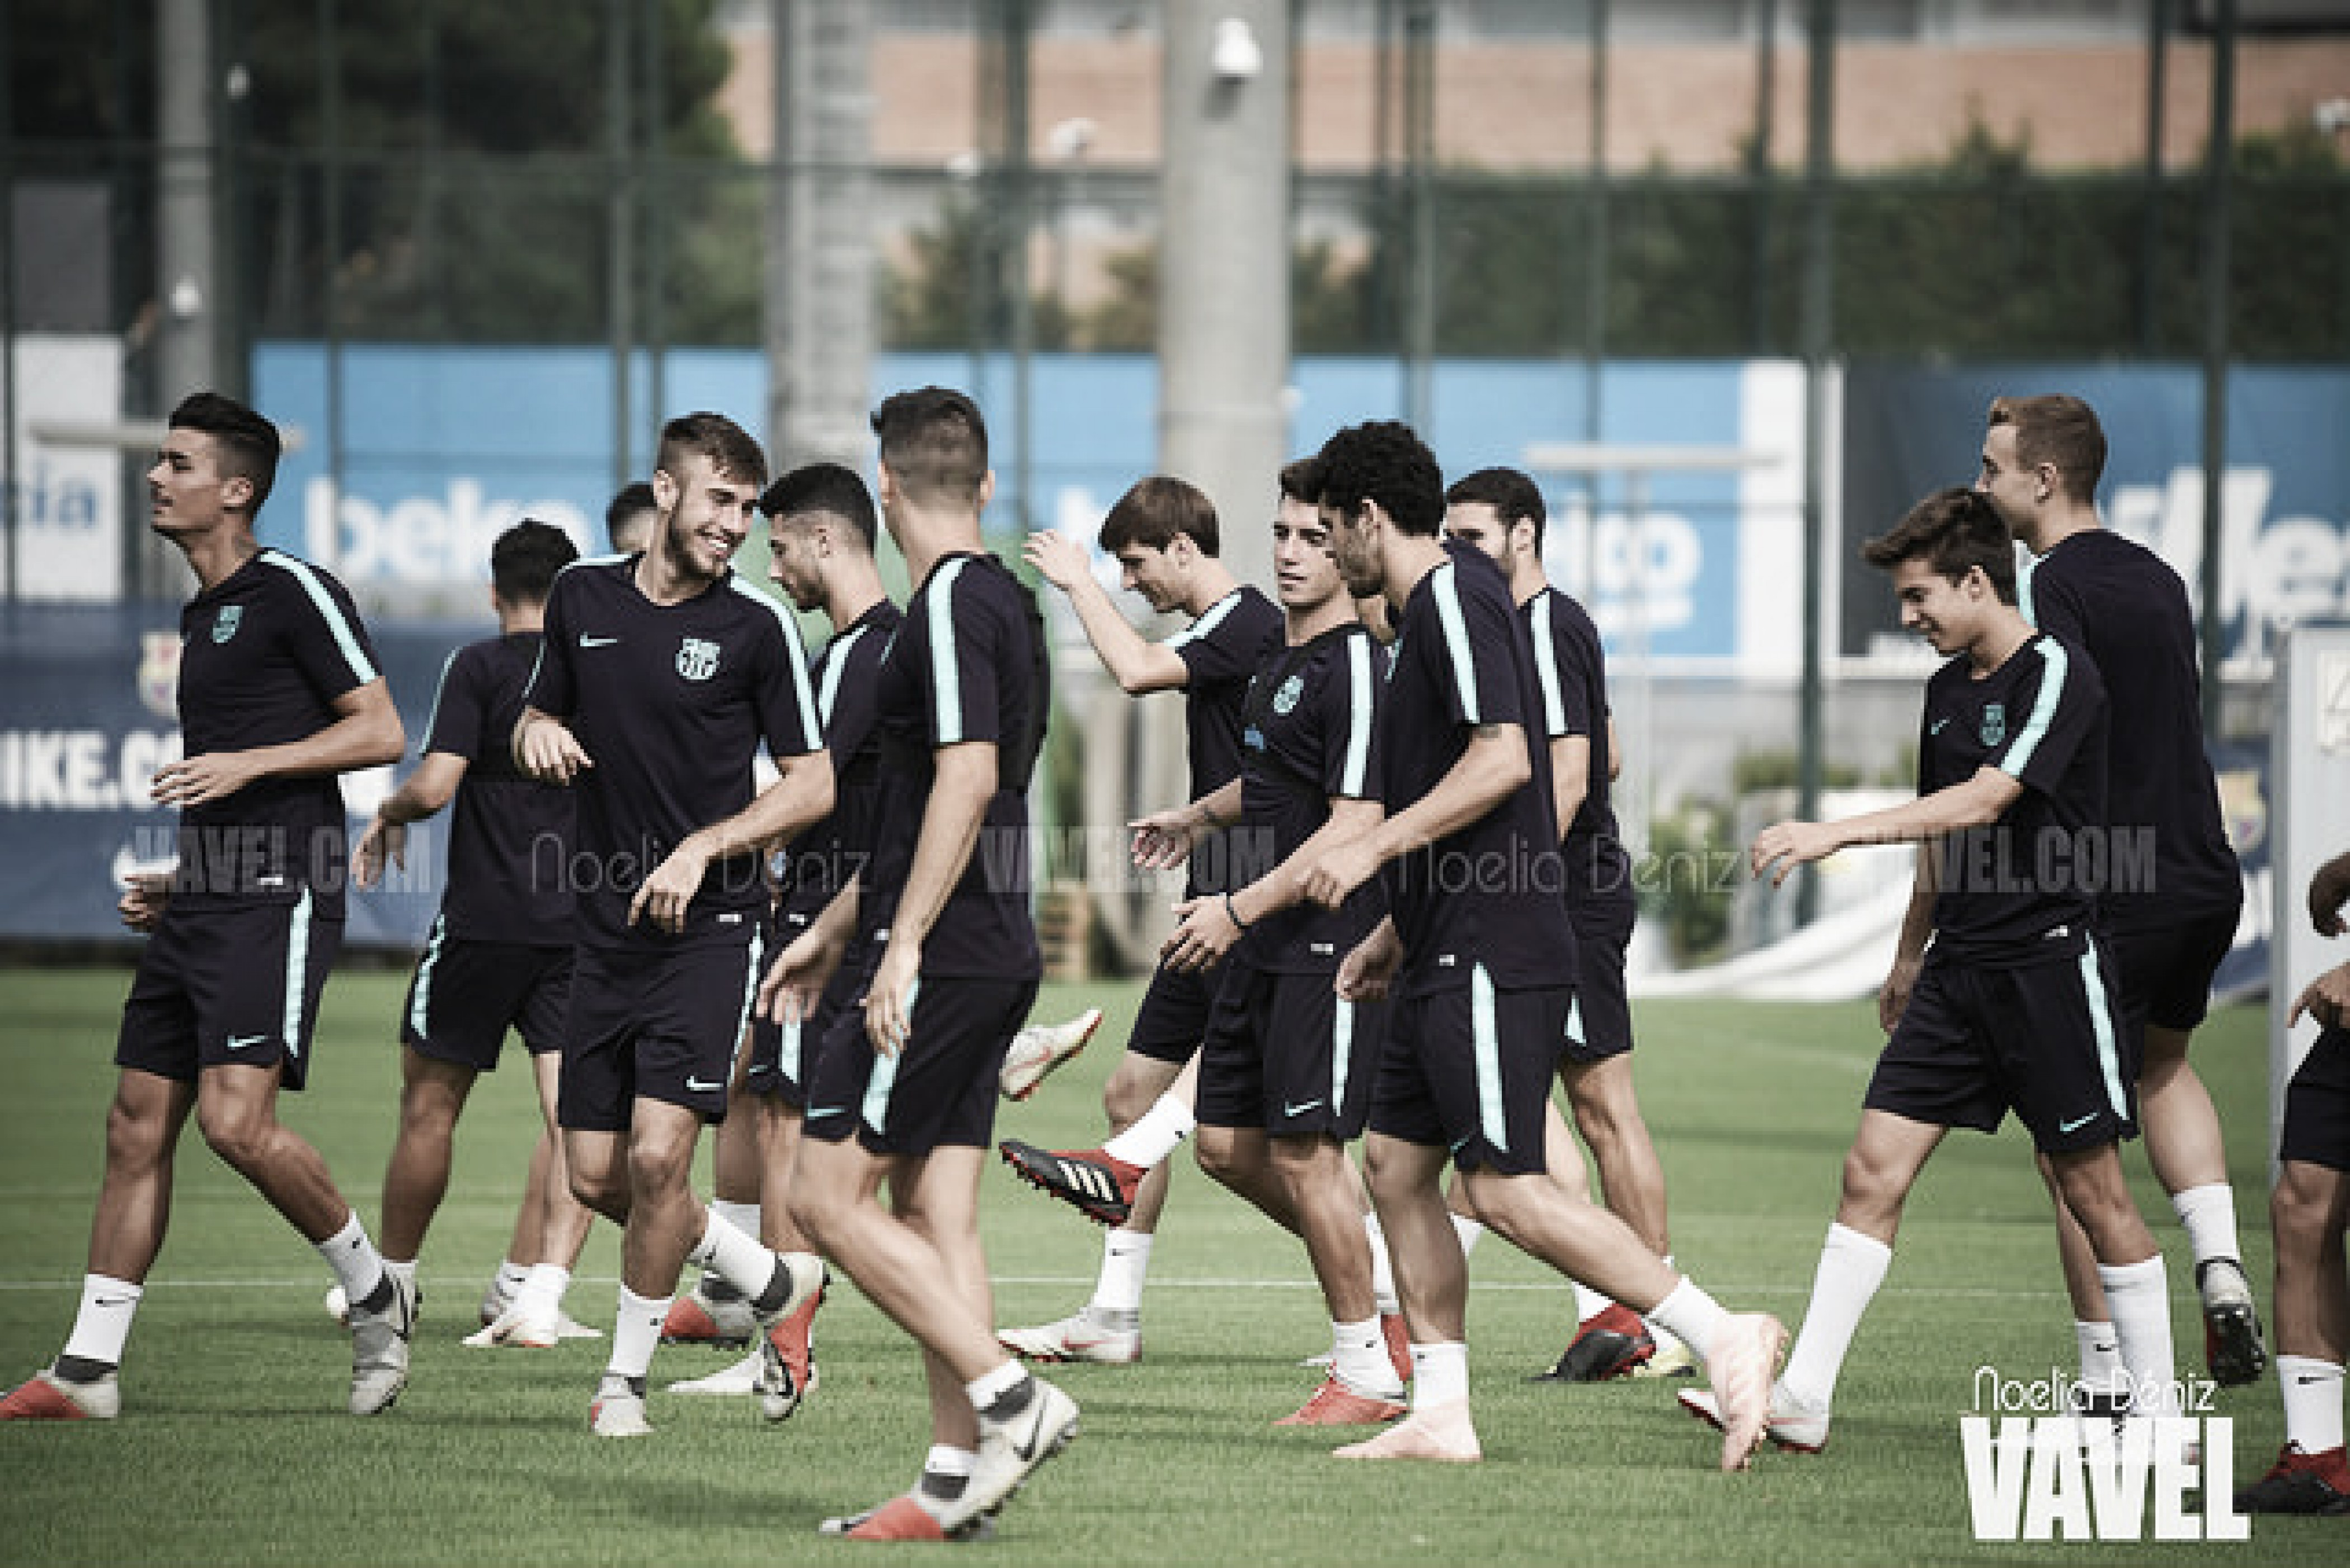 De futbolista un entrenamiento plan para semanal